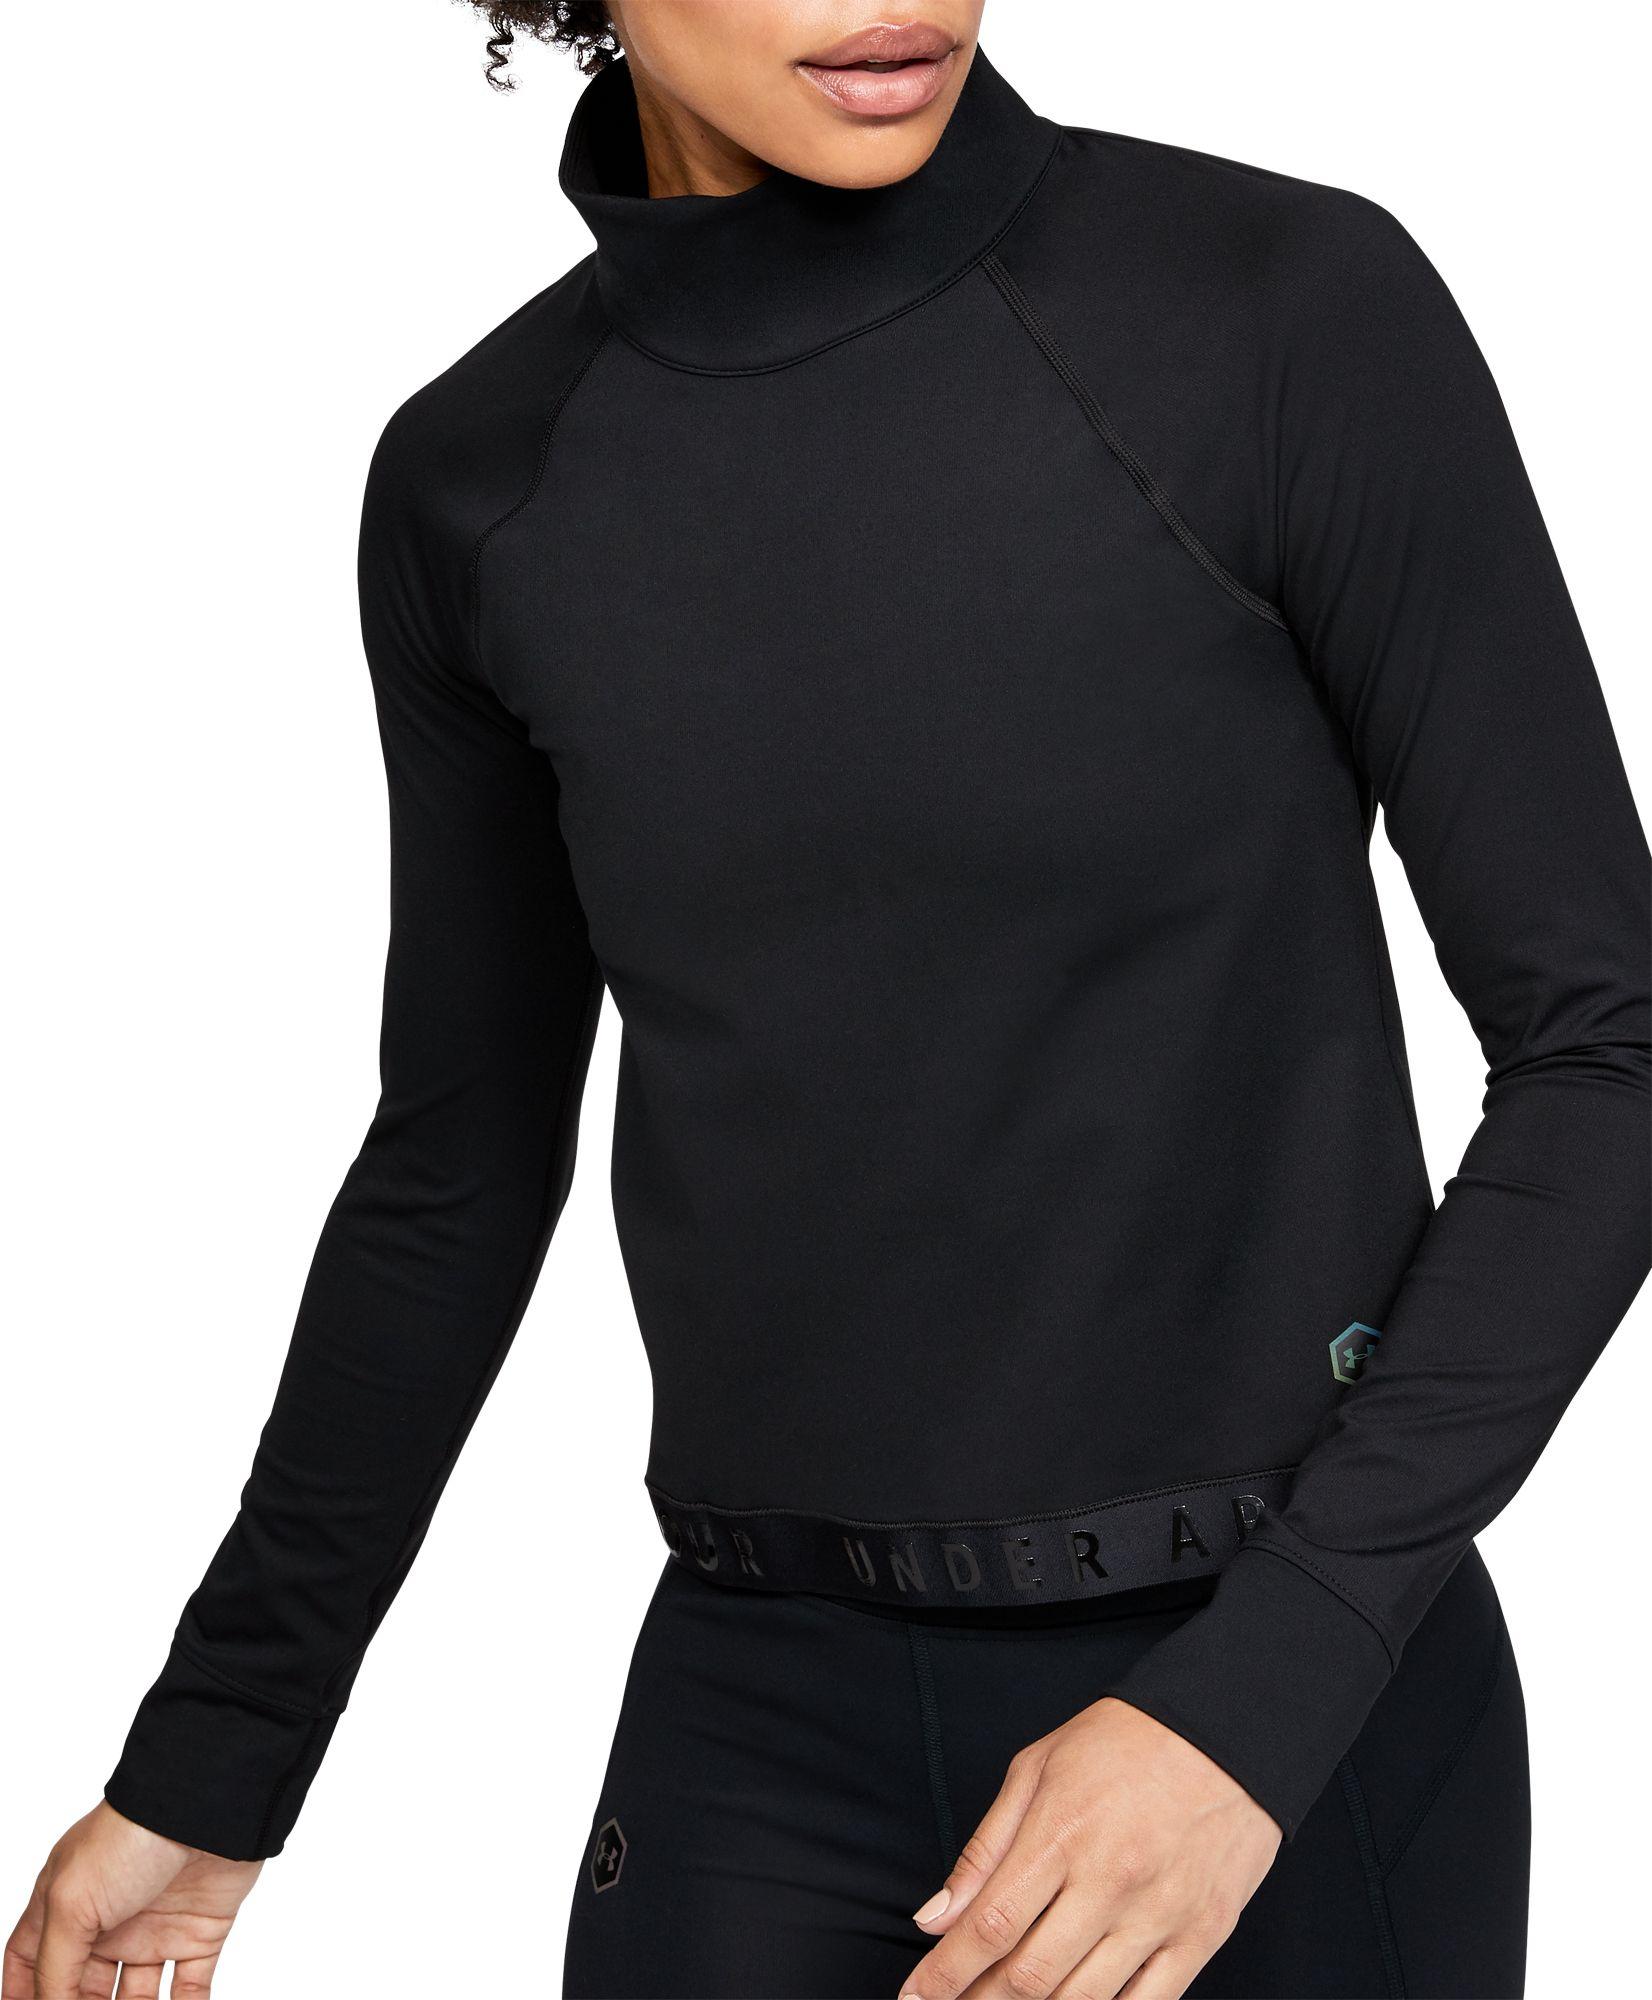 Under Armour Women's ColdGear RUSH Long Sleeve Shirt, XL, Black